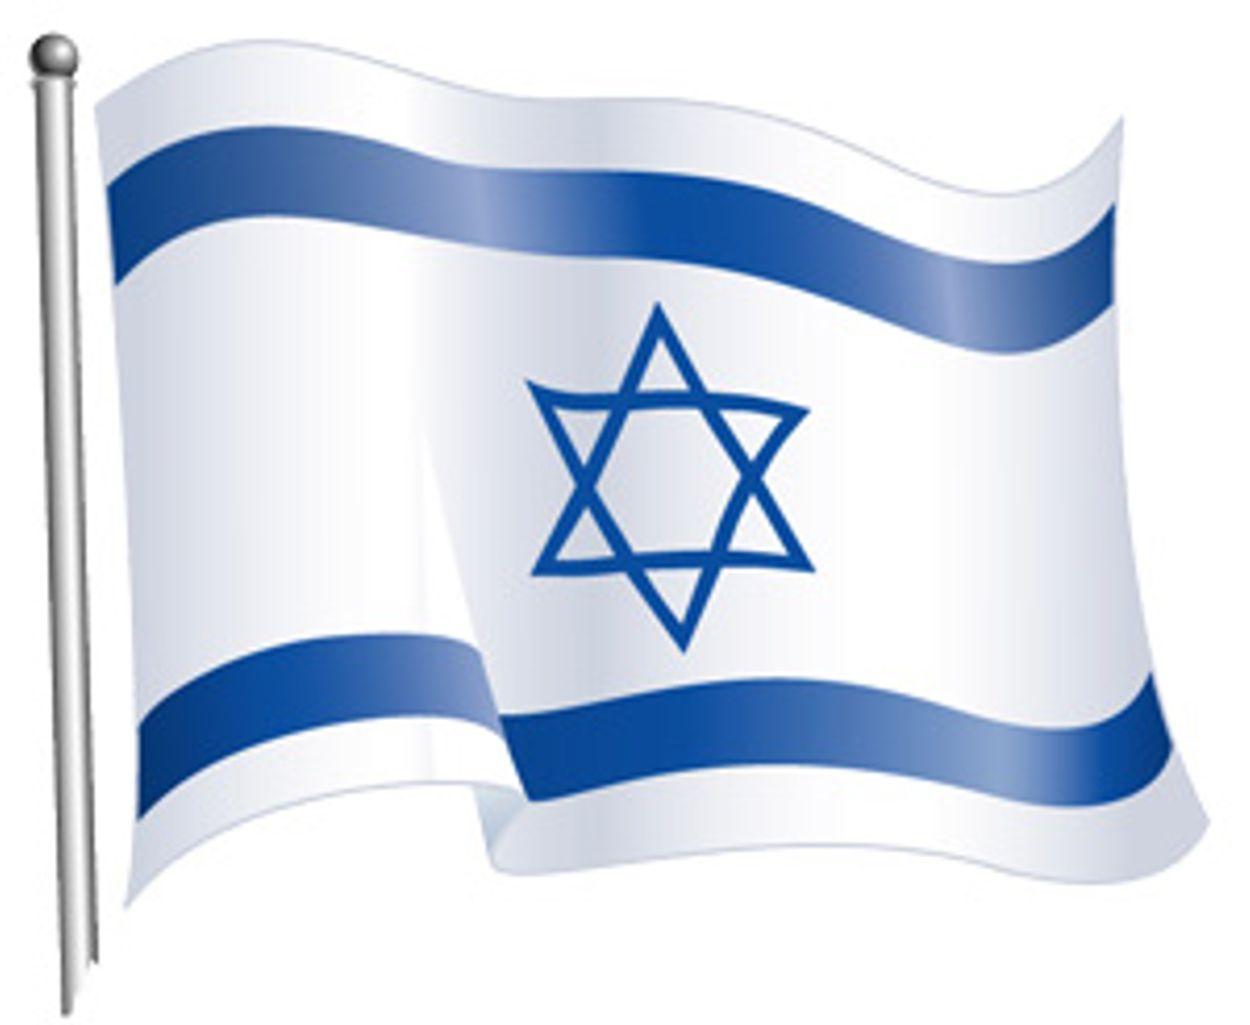 Israel flag clipart clip art transparent stock Free Israeli Flag Cliparts, Download Free Clip Art, Free Clip Art on ... clip art transparent stock